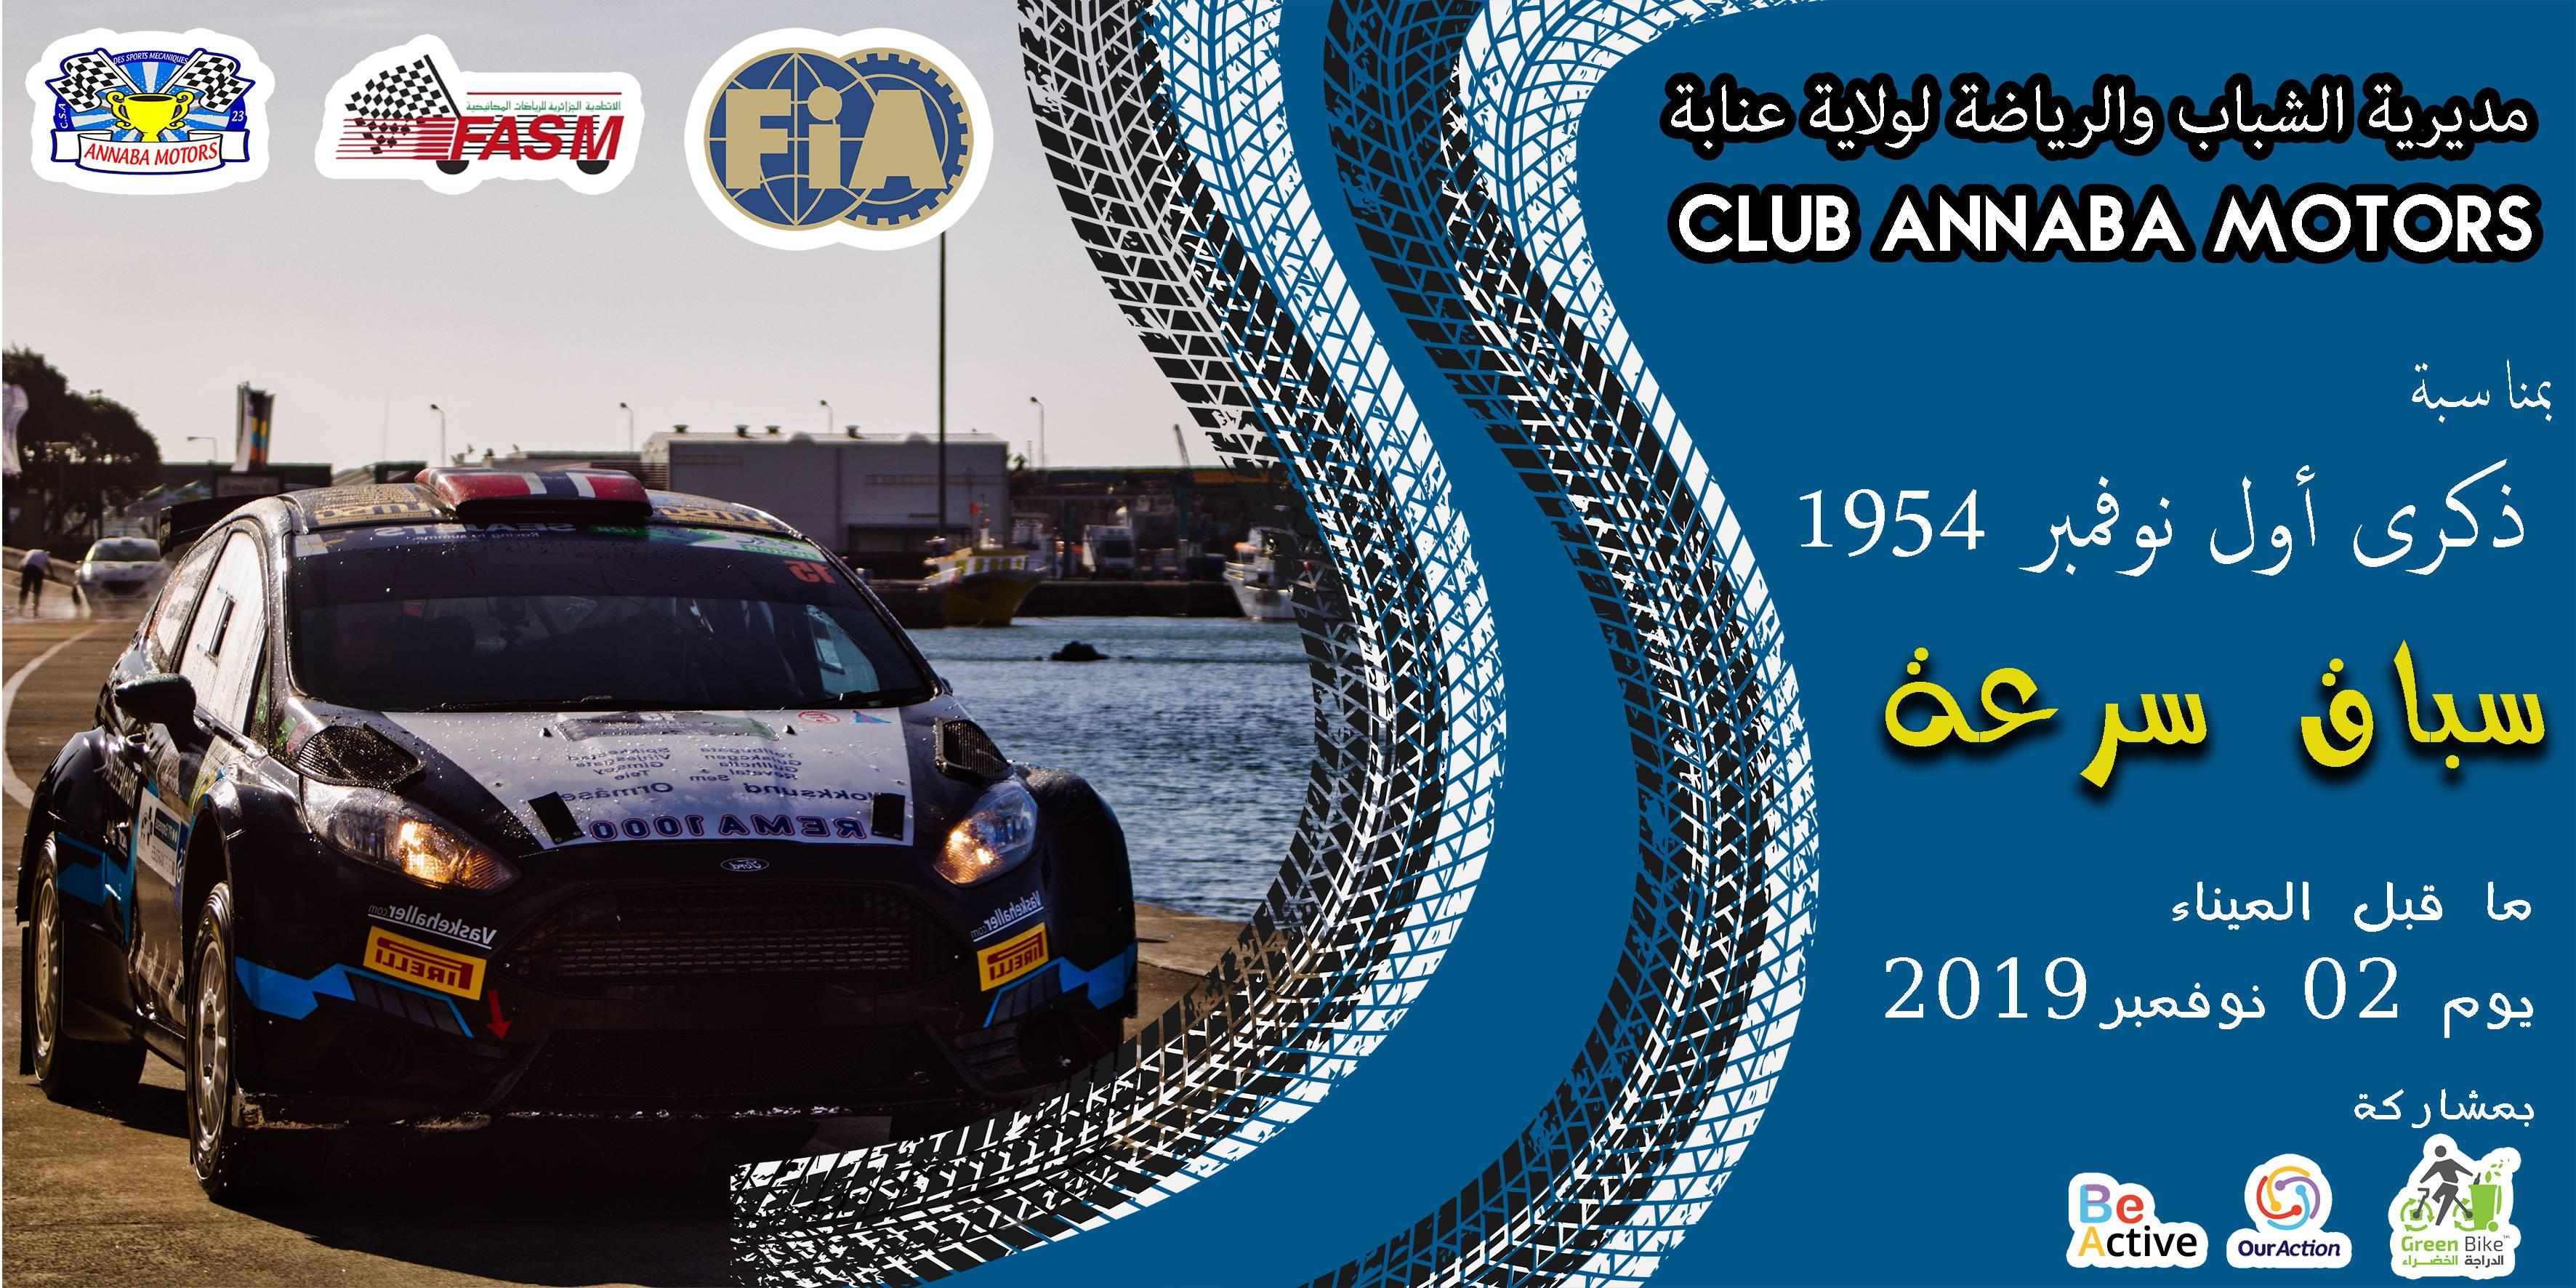 سباق السرعة عنابة نوفمبر 2019 - Club Annaba Motors